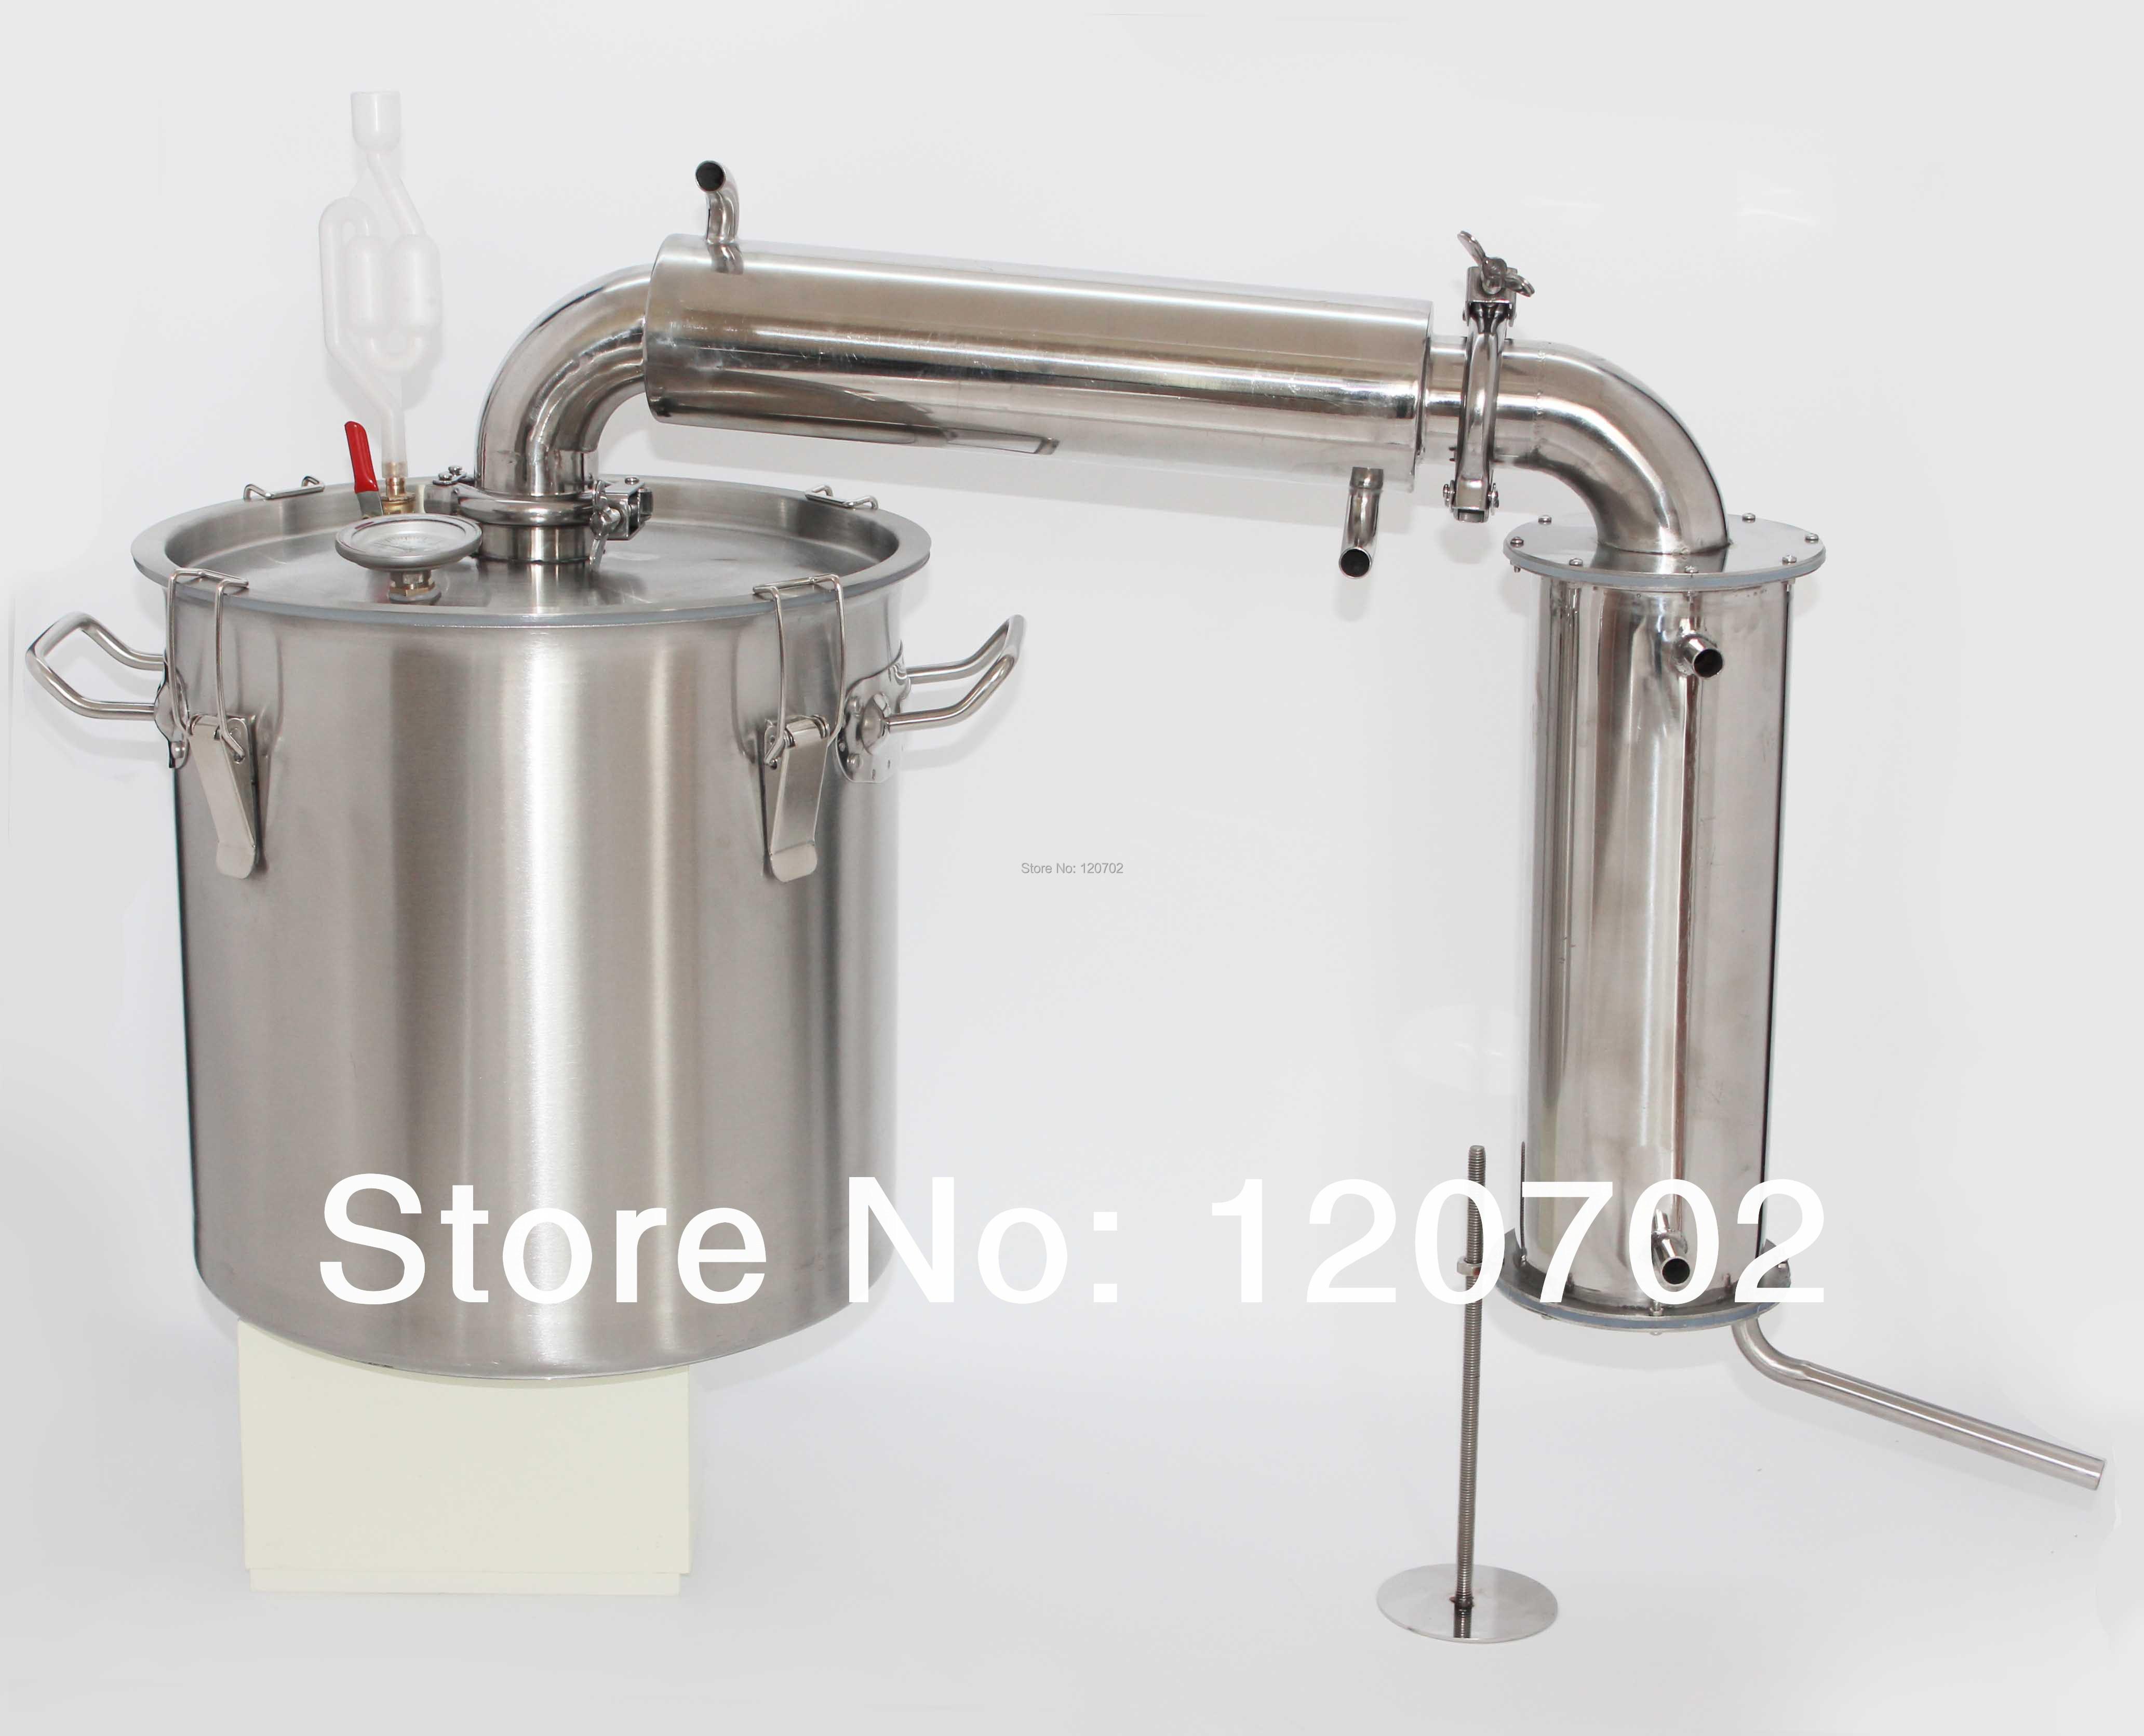 Home Water Distillation Equipment ~ Lwine brewery equipment distiller moonshine ethanol